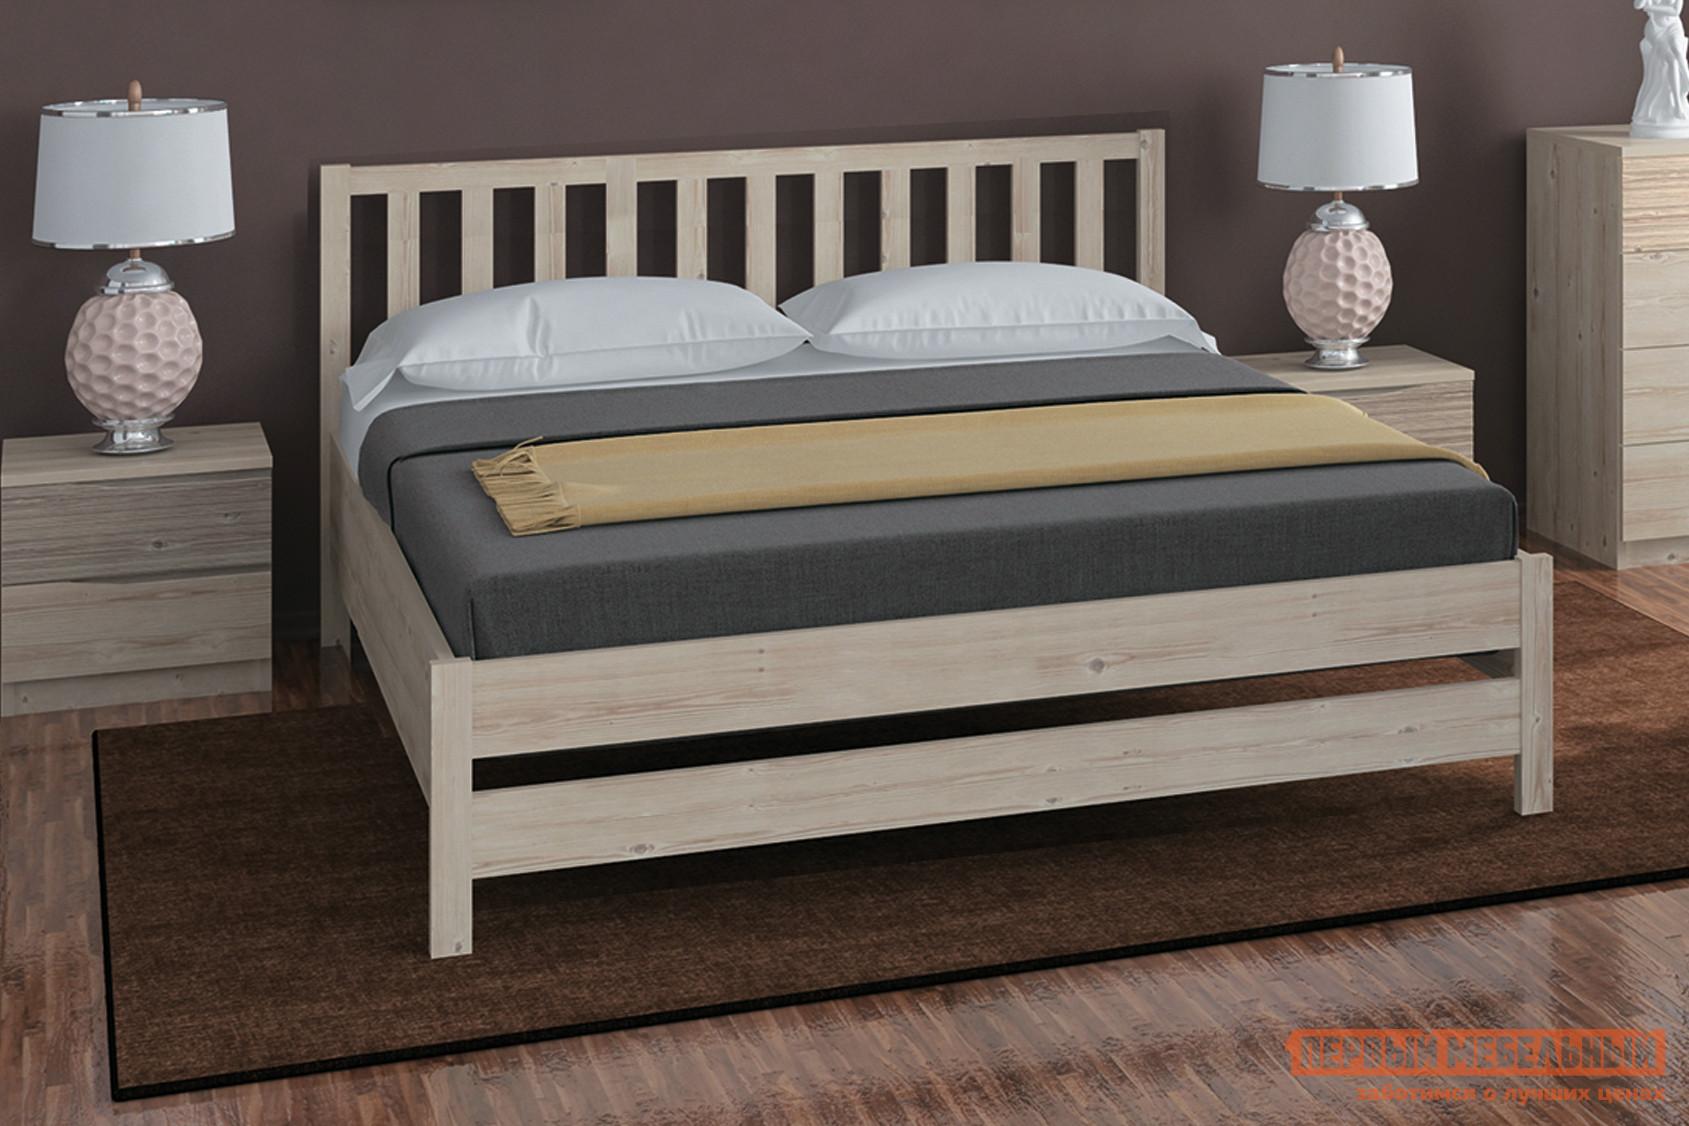 Двуспальная кровать Боровичи Массив двуспальная кровать боровичи кровать гнутая спинка мягкая